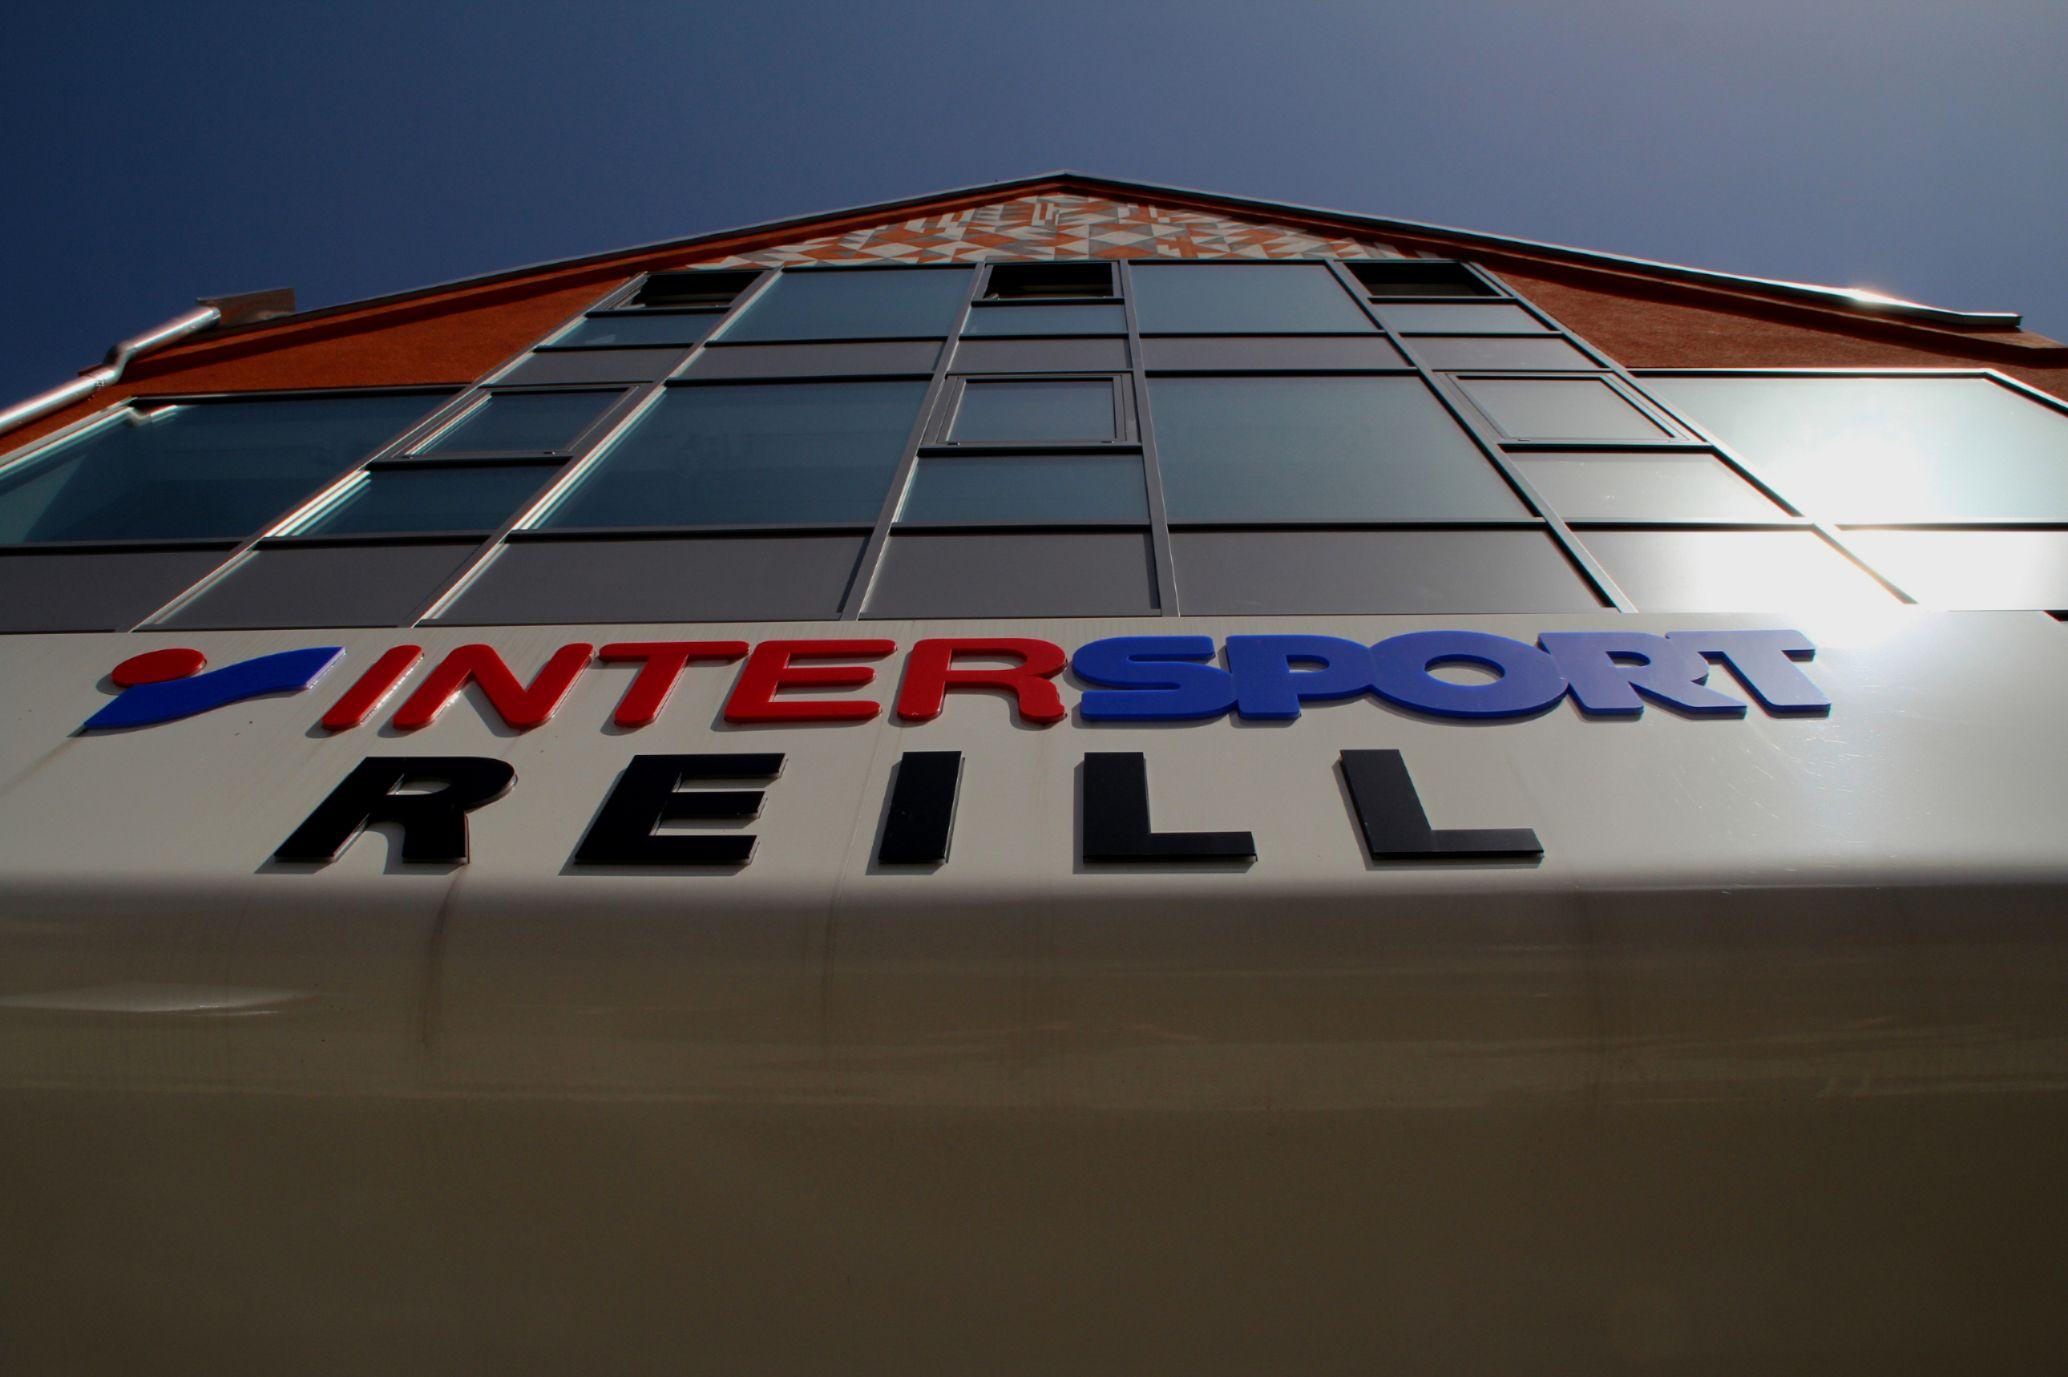 Intersport Reill